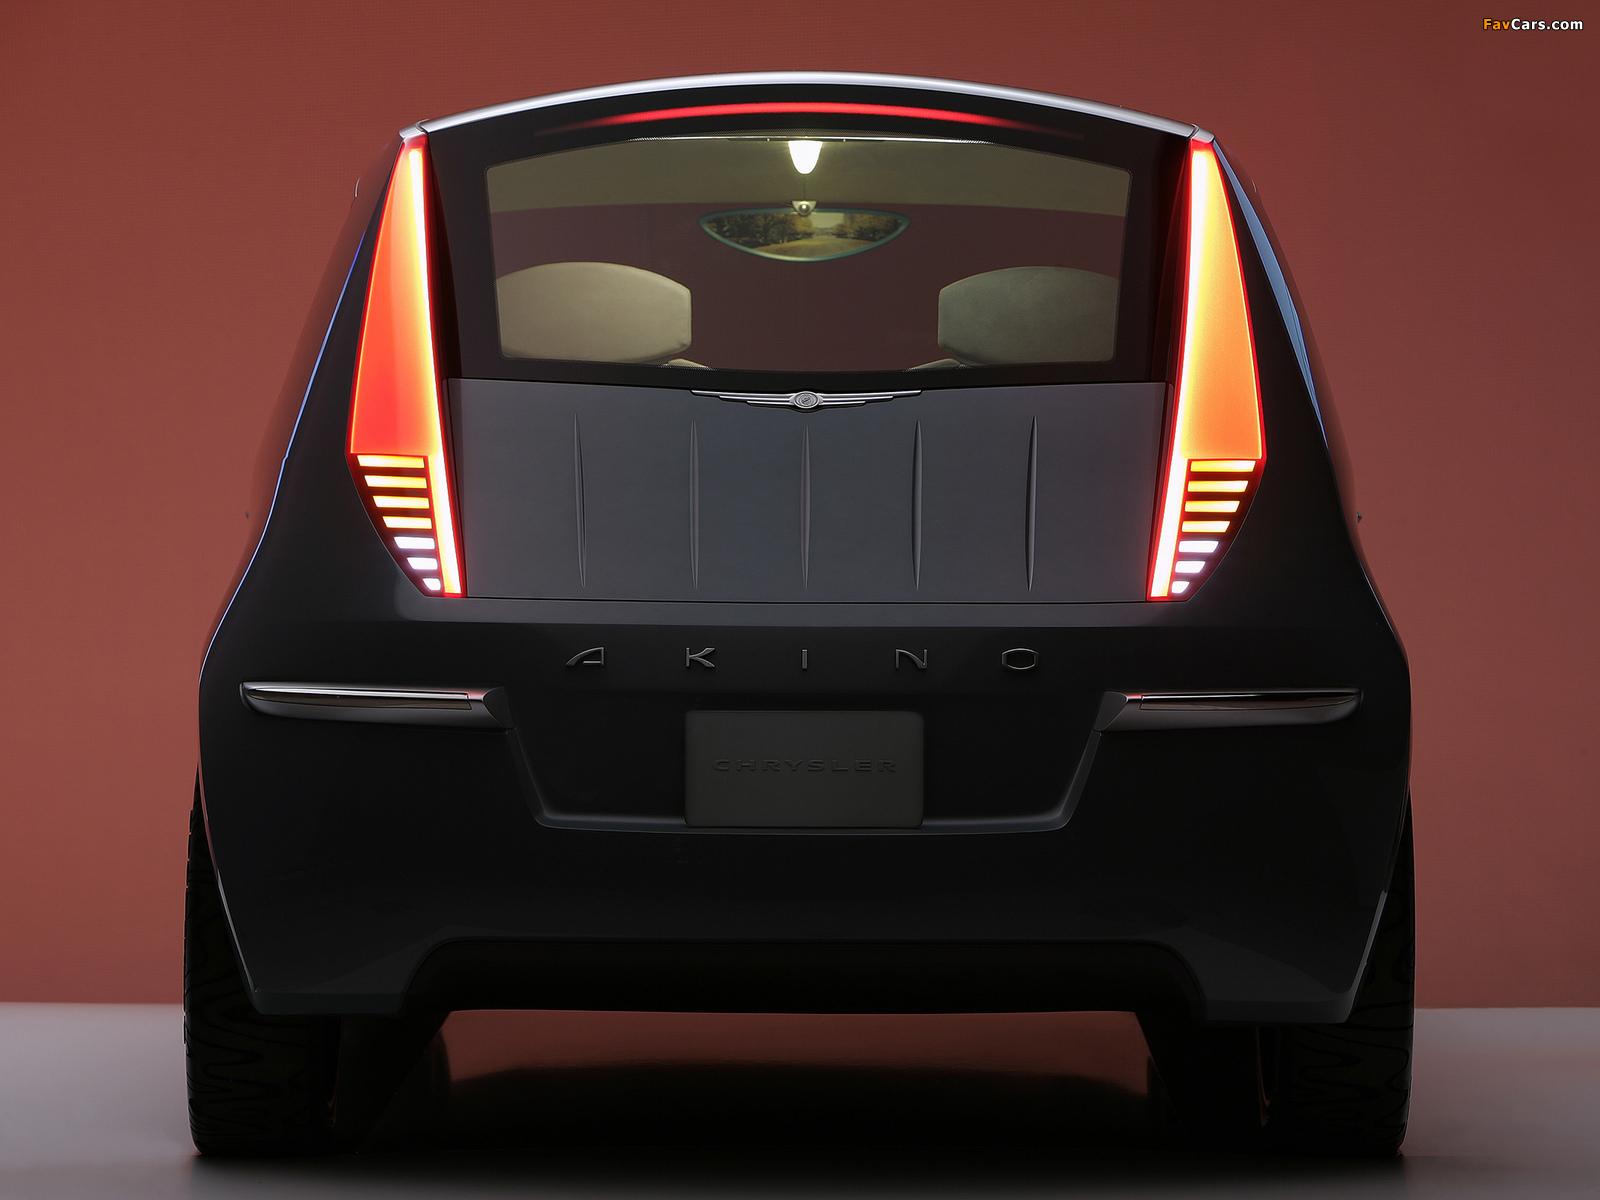 Chrysler Akino Concept 2005 photos (1600 x 1200)